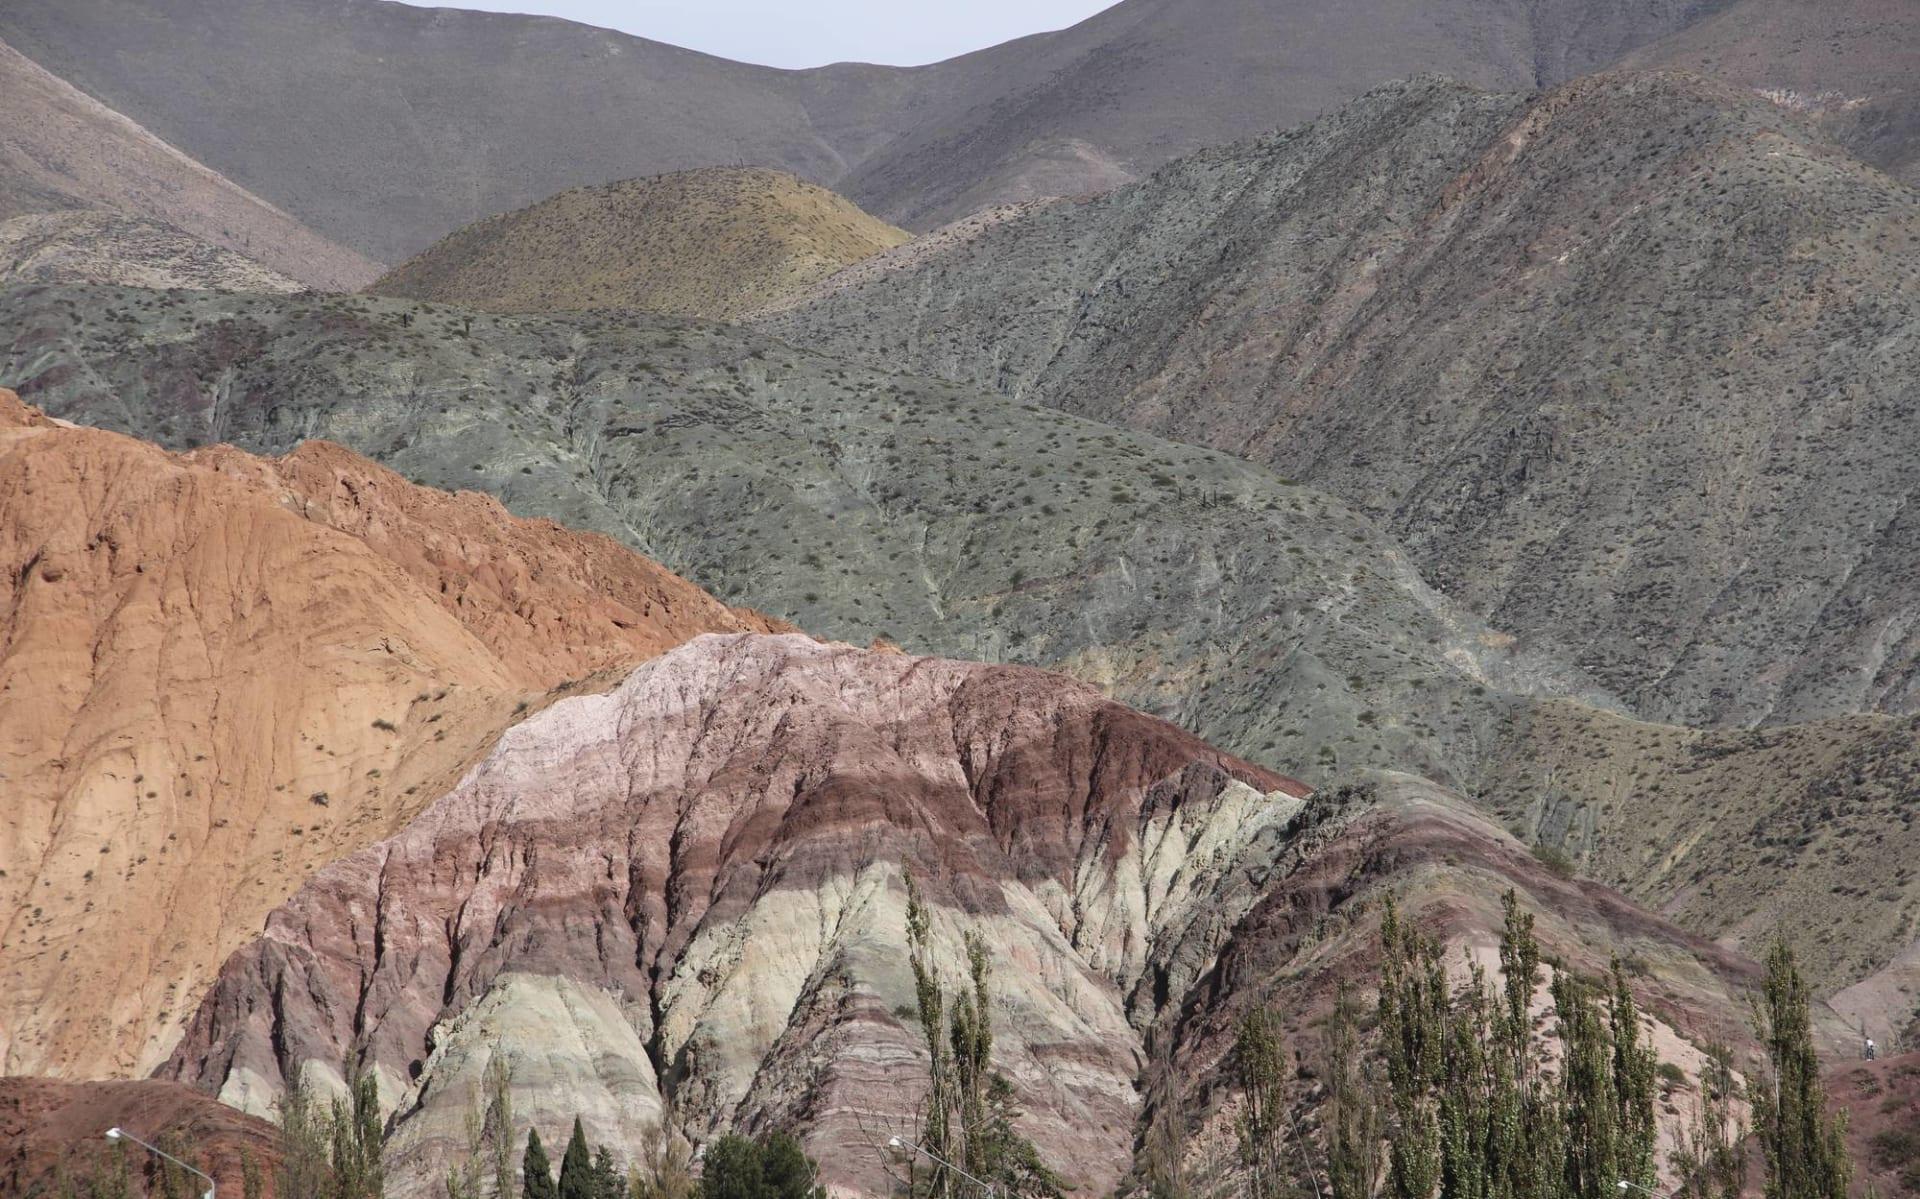 Salta - Salta: Argentinien - Purmamarca - farbige Hügel